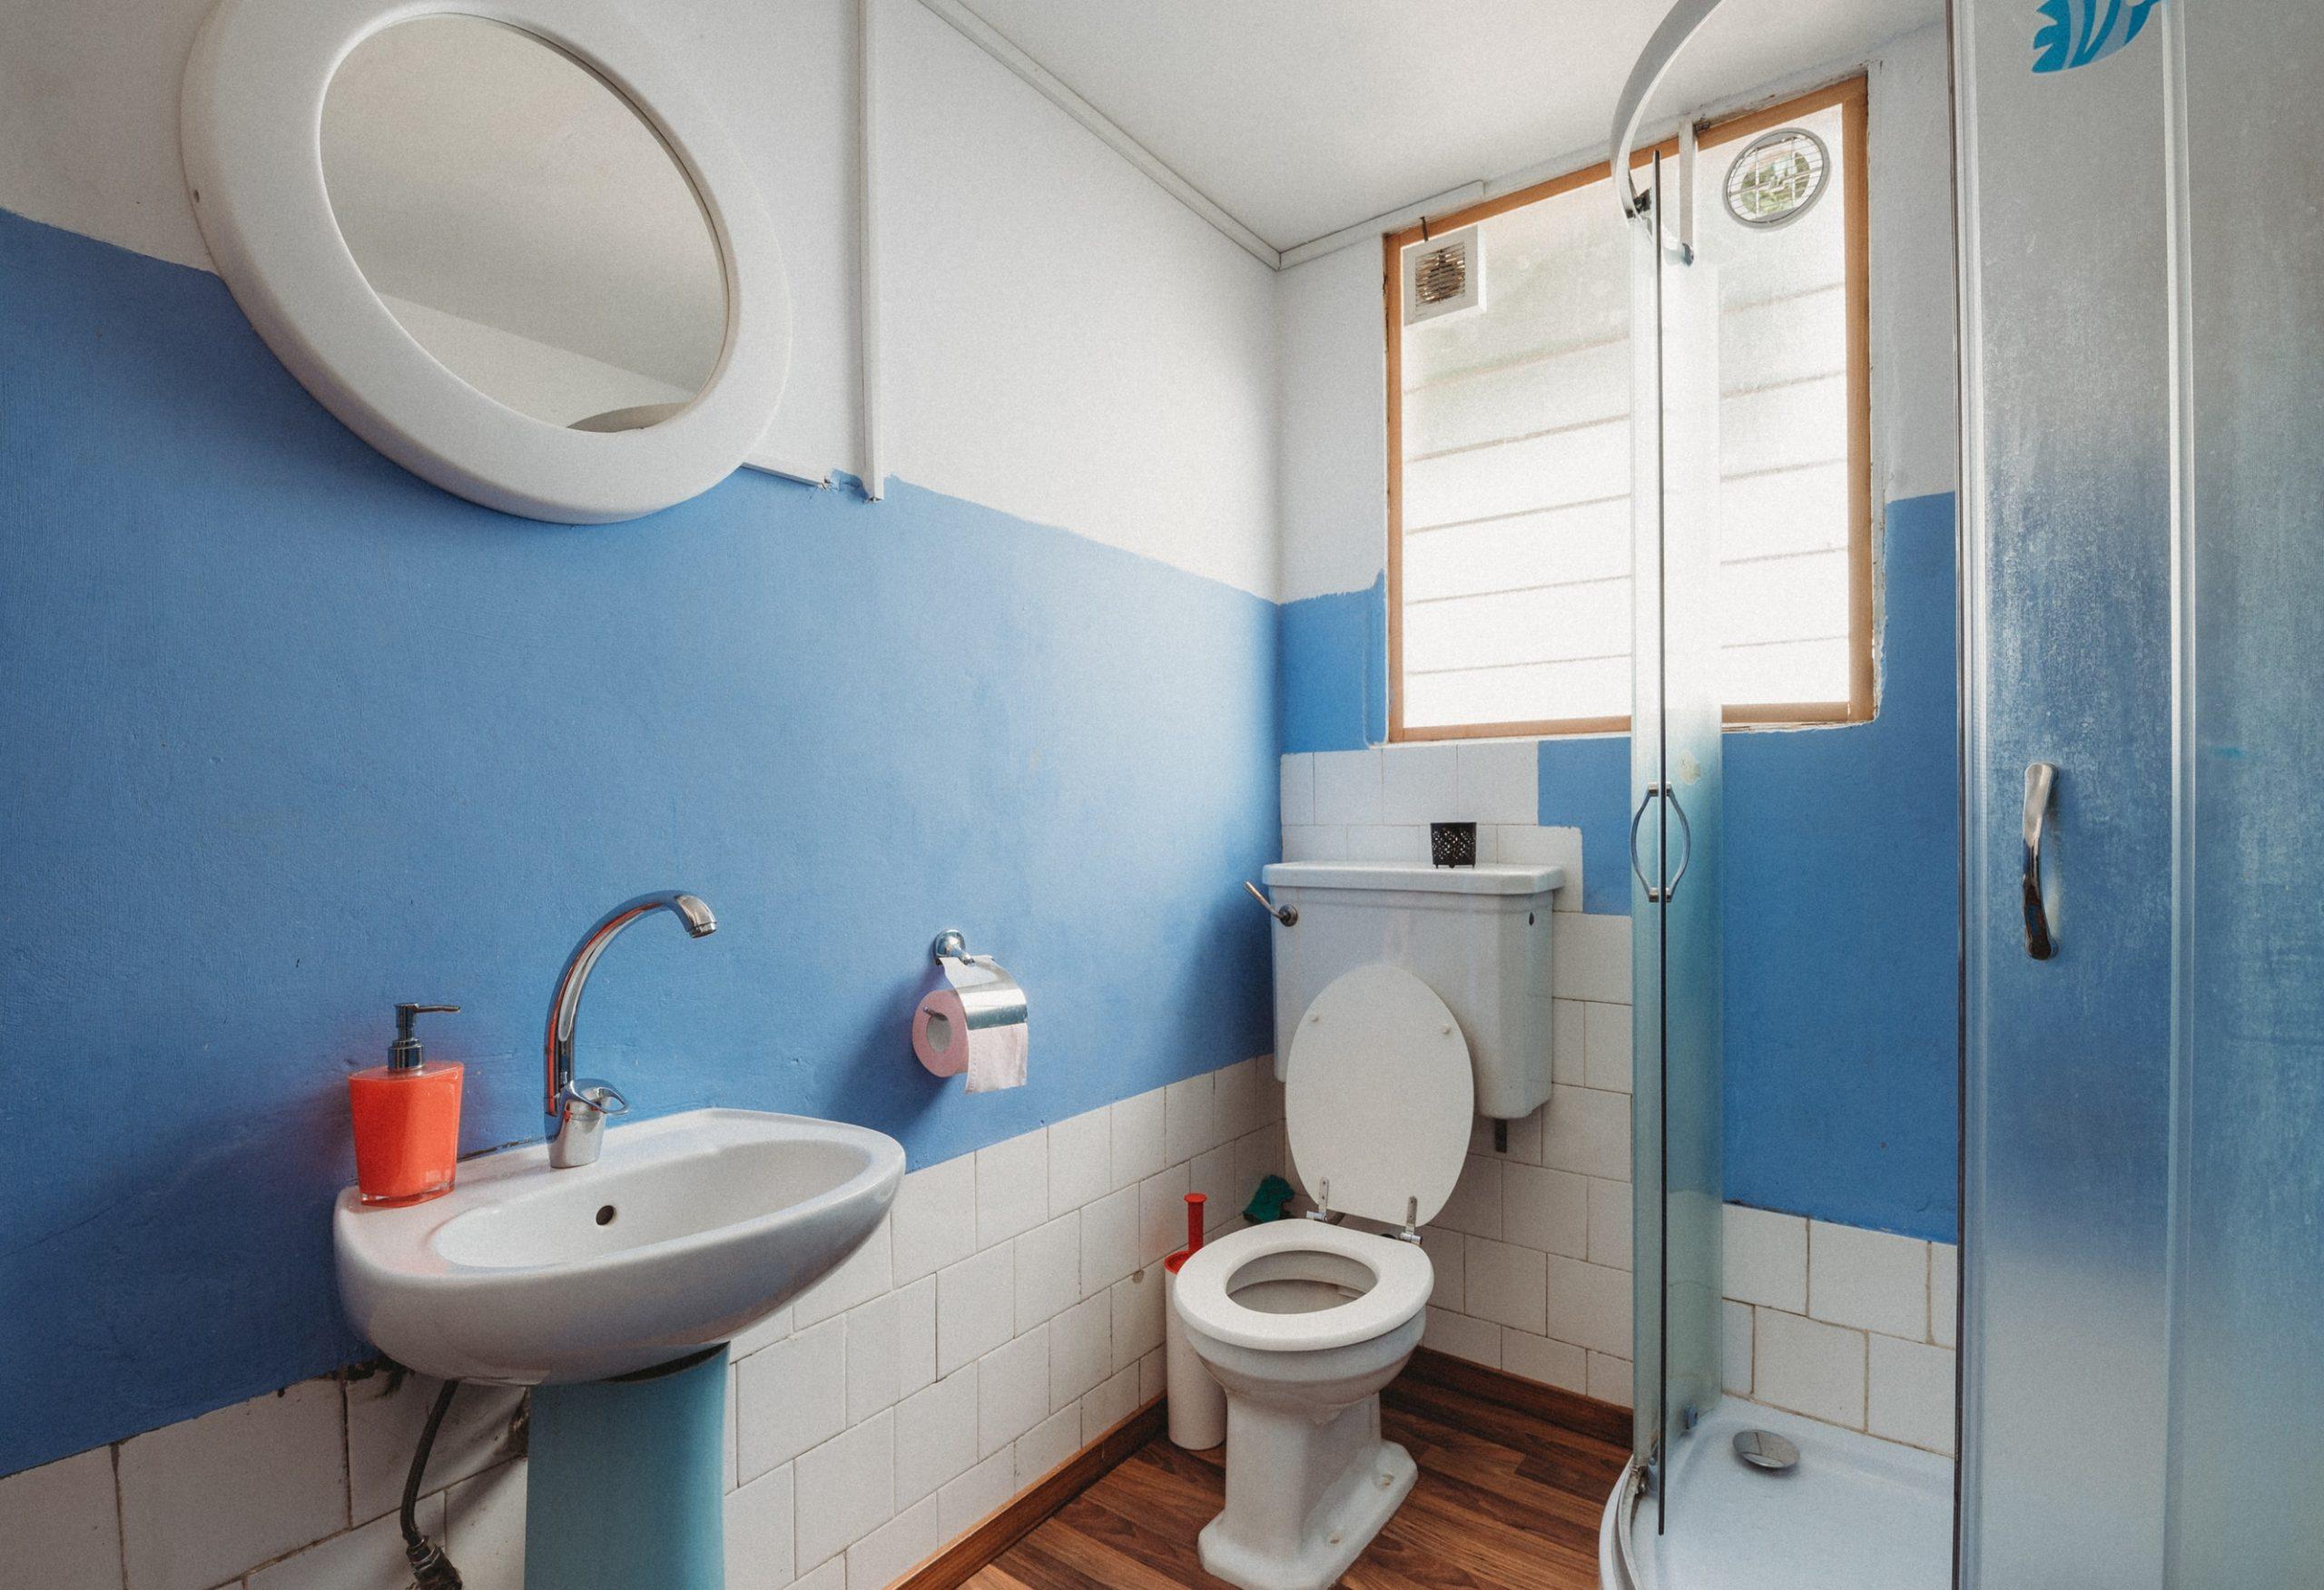 Comment changer son lavabo ? 6